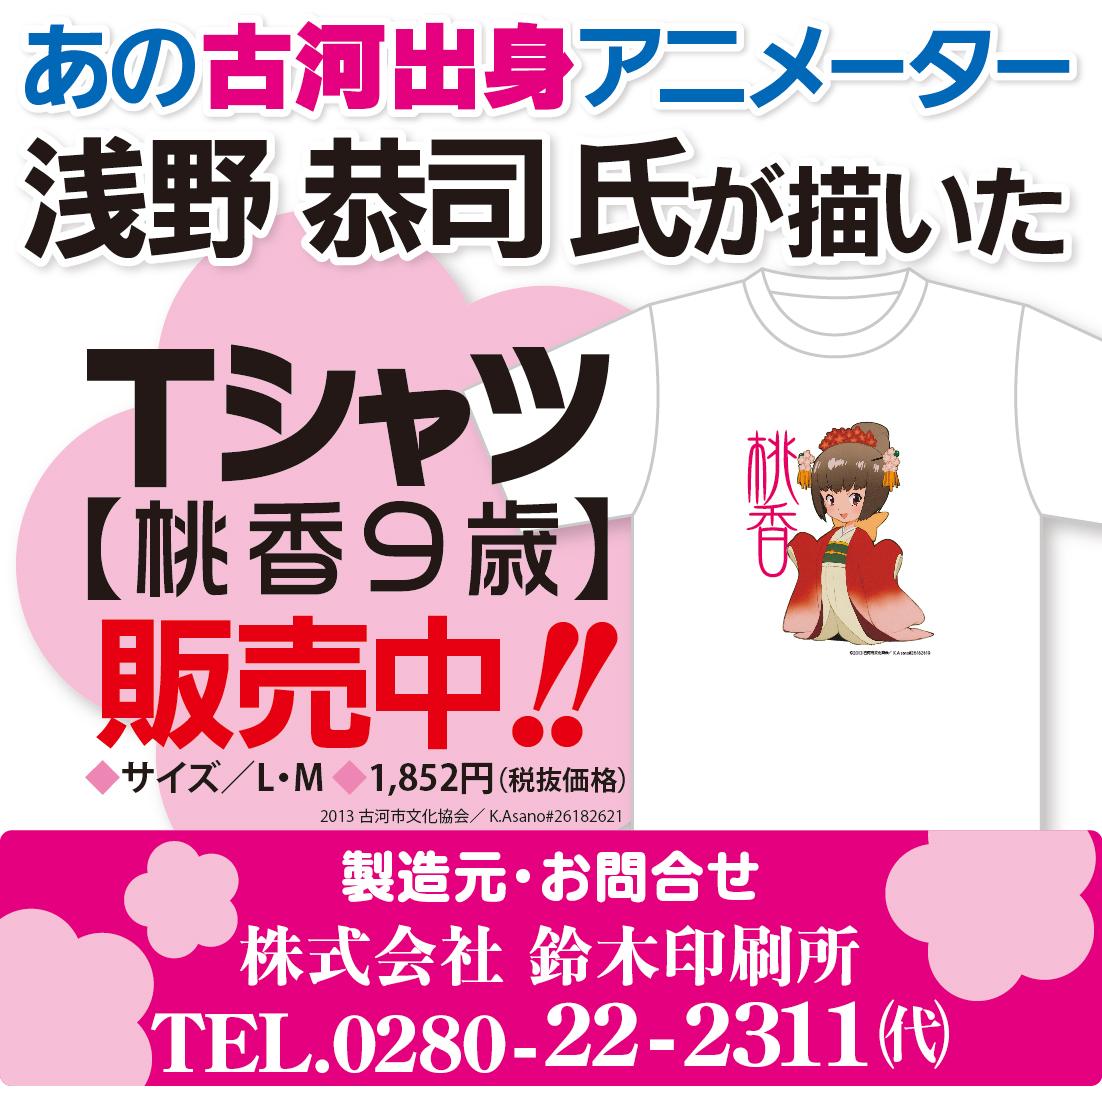 ホームページ告知-01